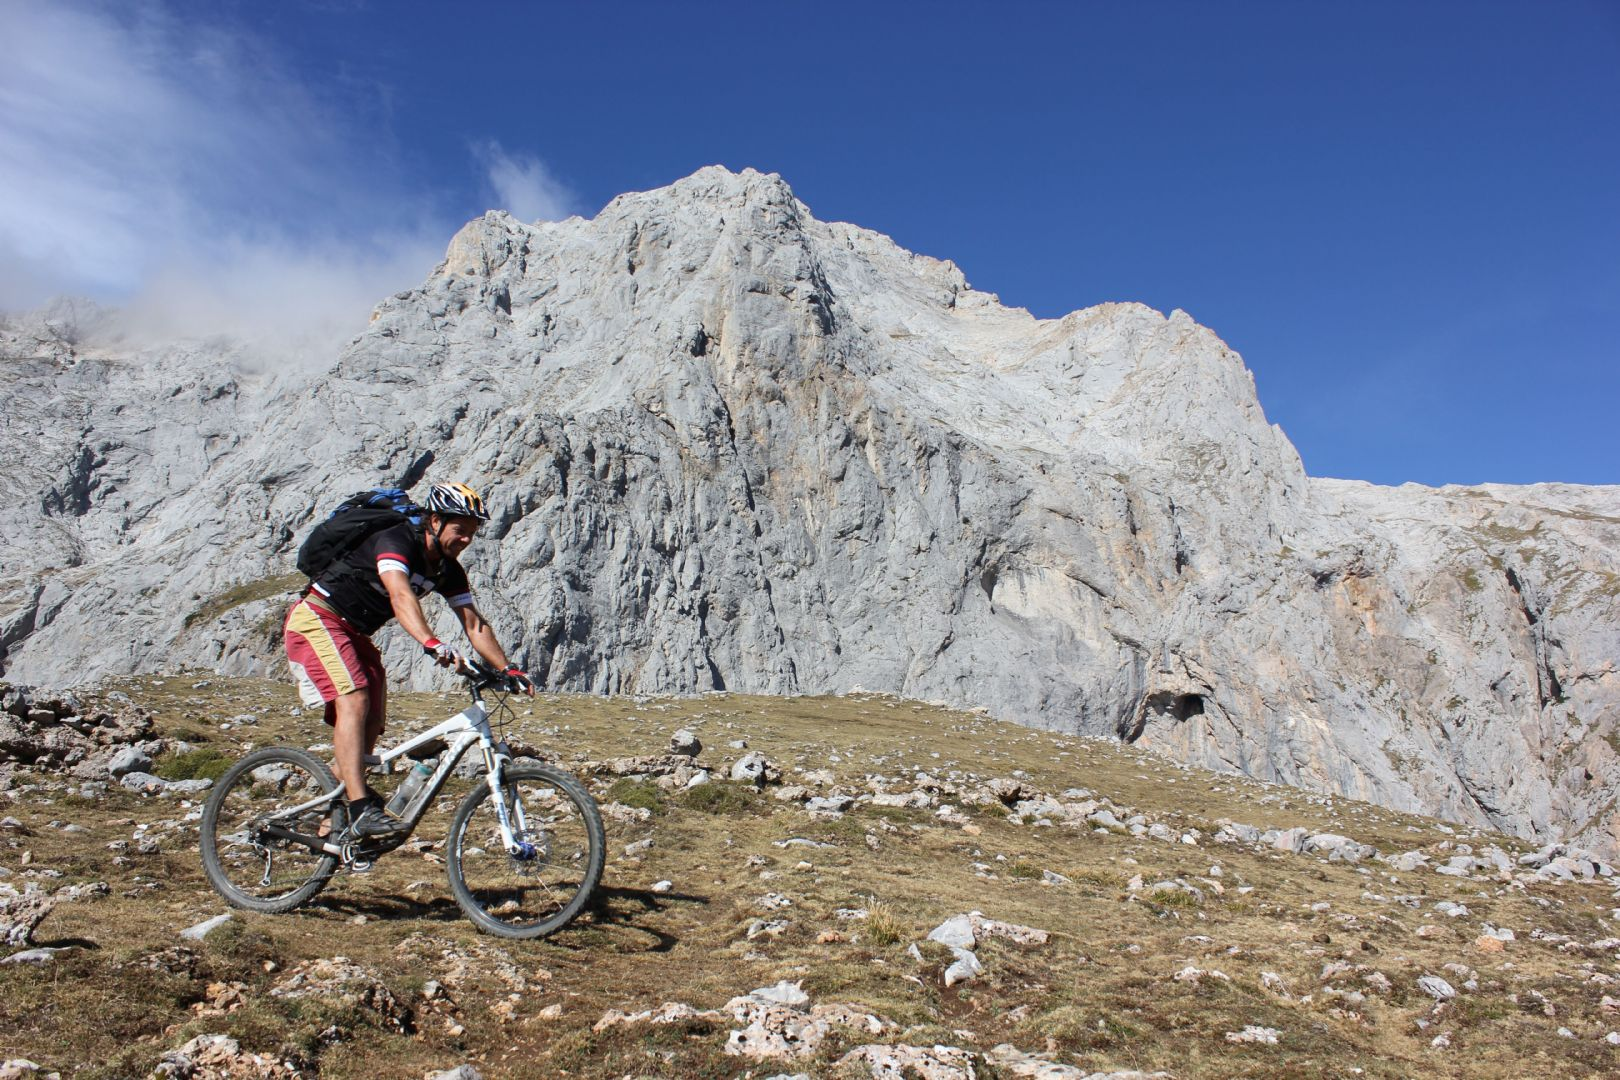 IMG_4565.JPG - Spain - Picos de Europa - Trans Picos - Guided Mountain Bike Holiday - Mountain Biking